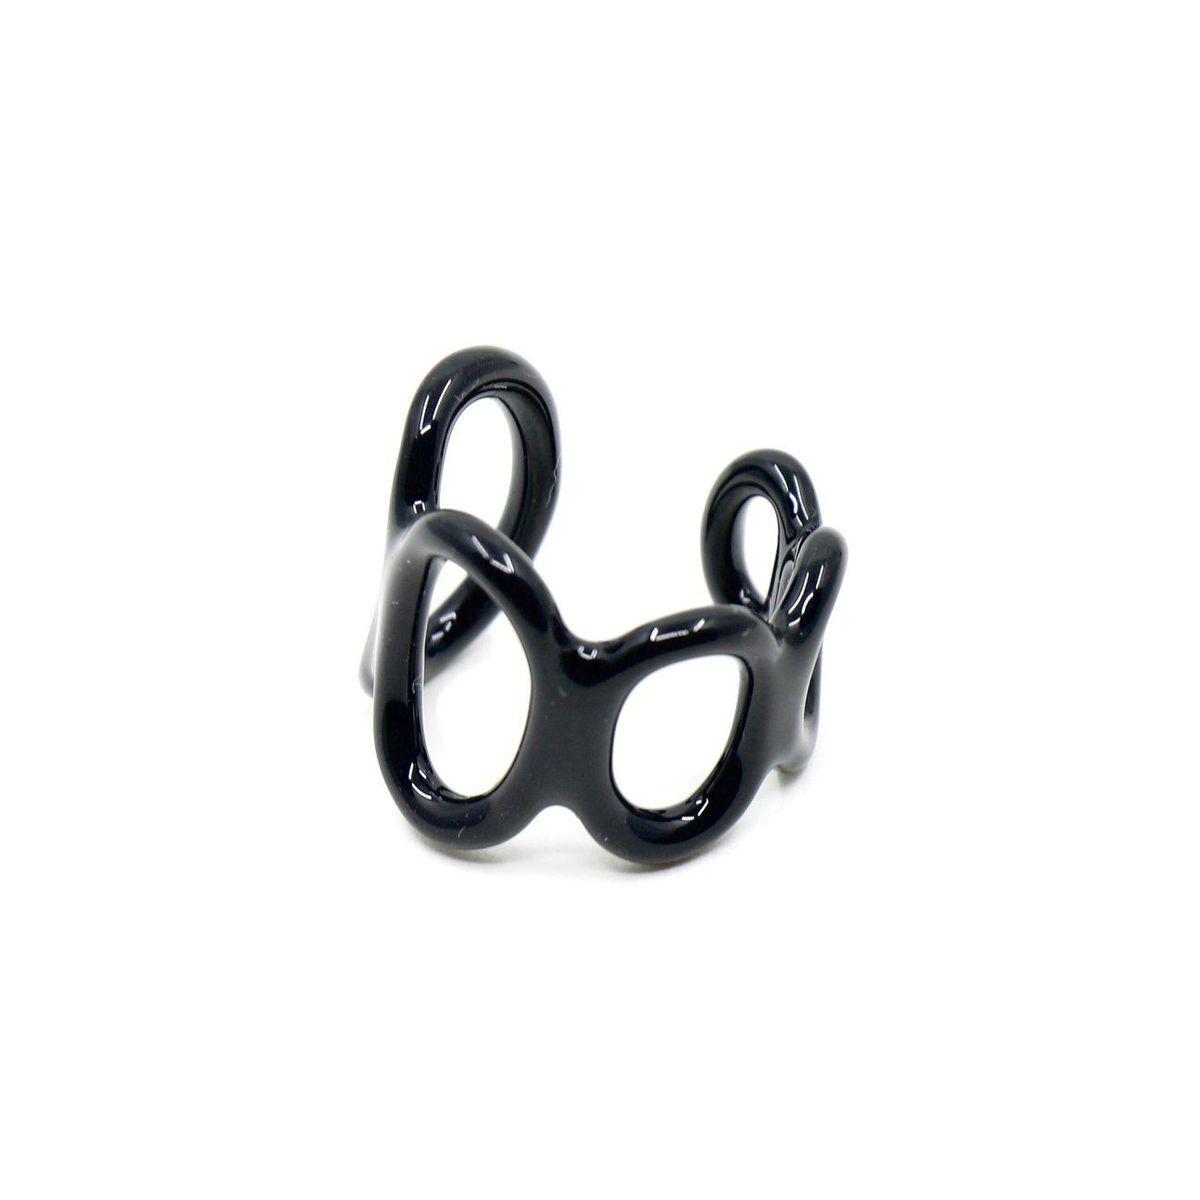 Loop Ring Black